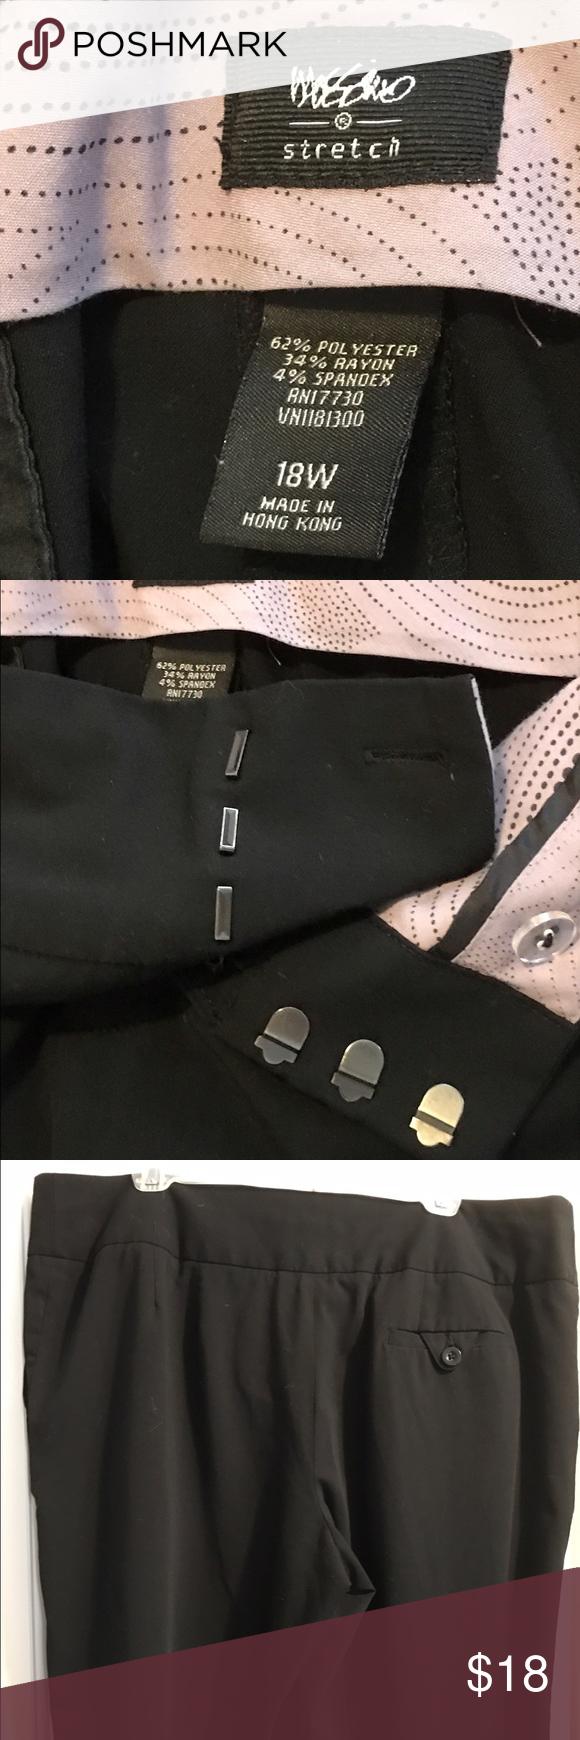 Mossimo Plus Size Black Dress Pants Size 18w Plus Size Black Dresses Black Dress Pants Dress Pants [ 1740 x 580 Pixel ]